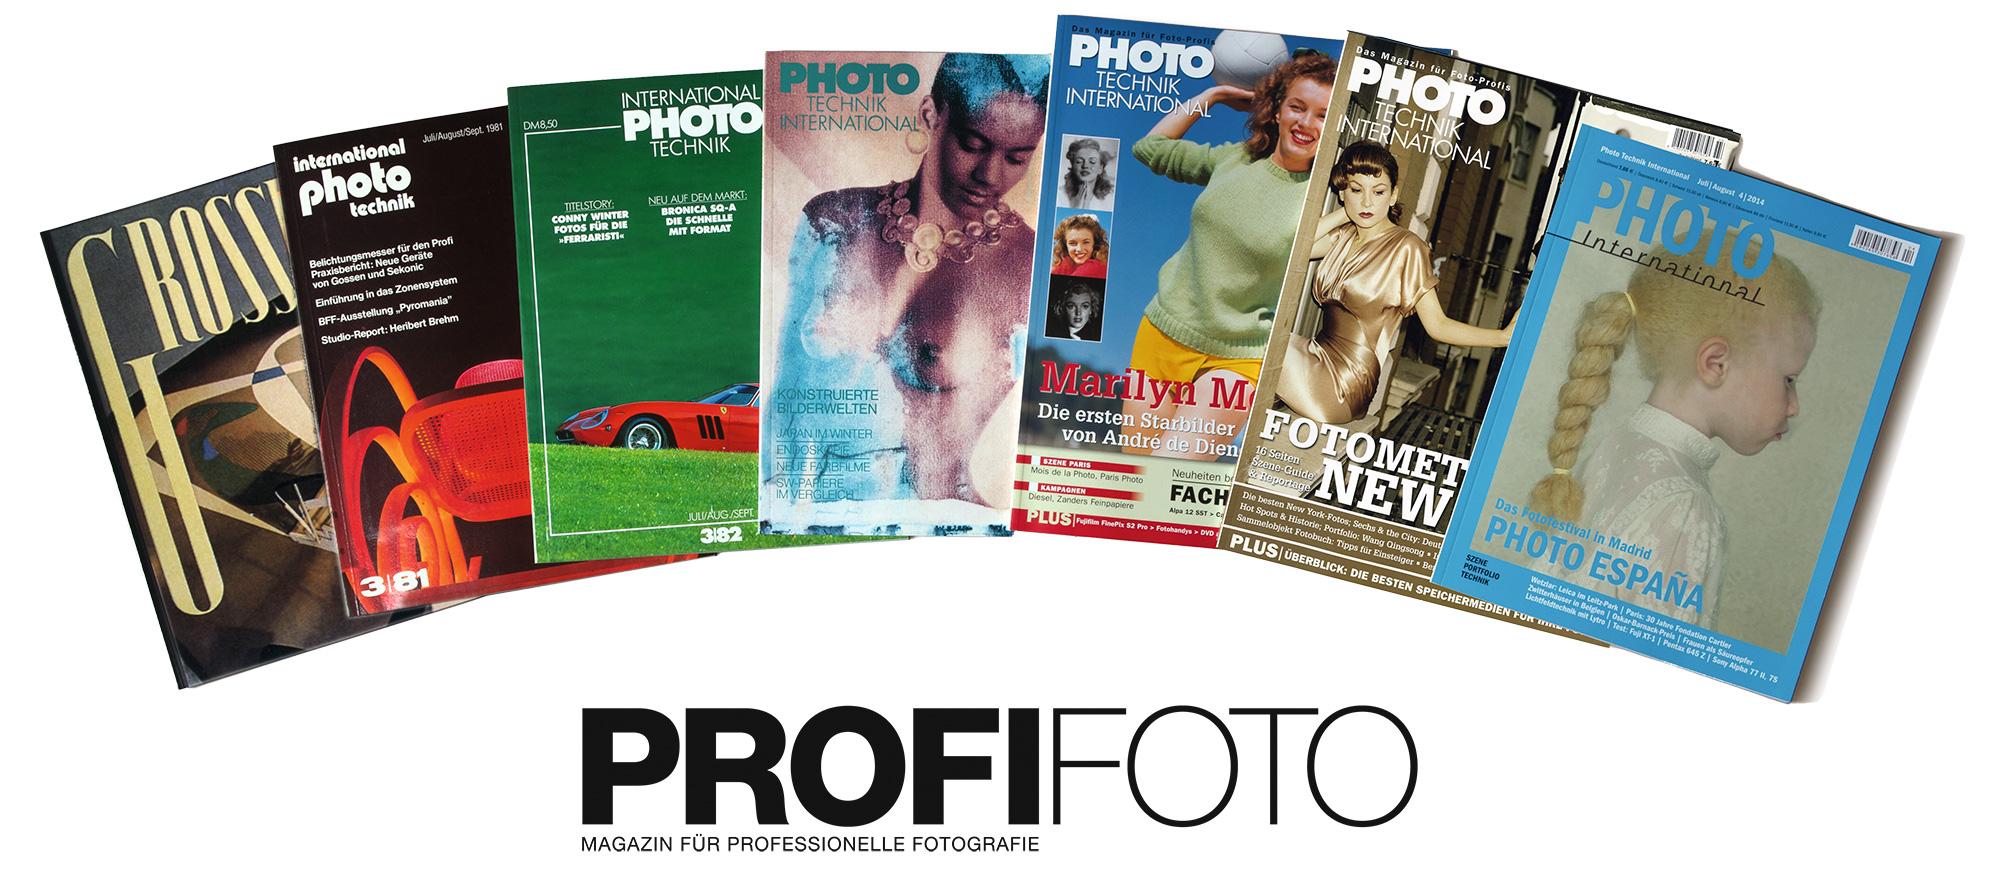 PHOTOInternational-Hefttitel-Geschichte-bis-2021-und-ProfiFoto